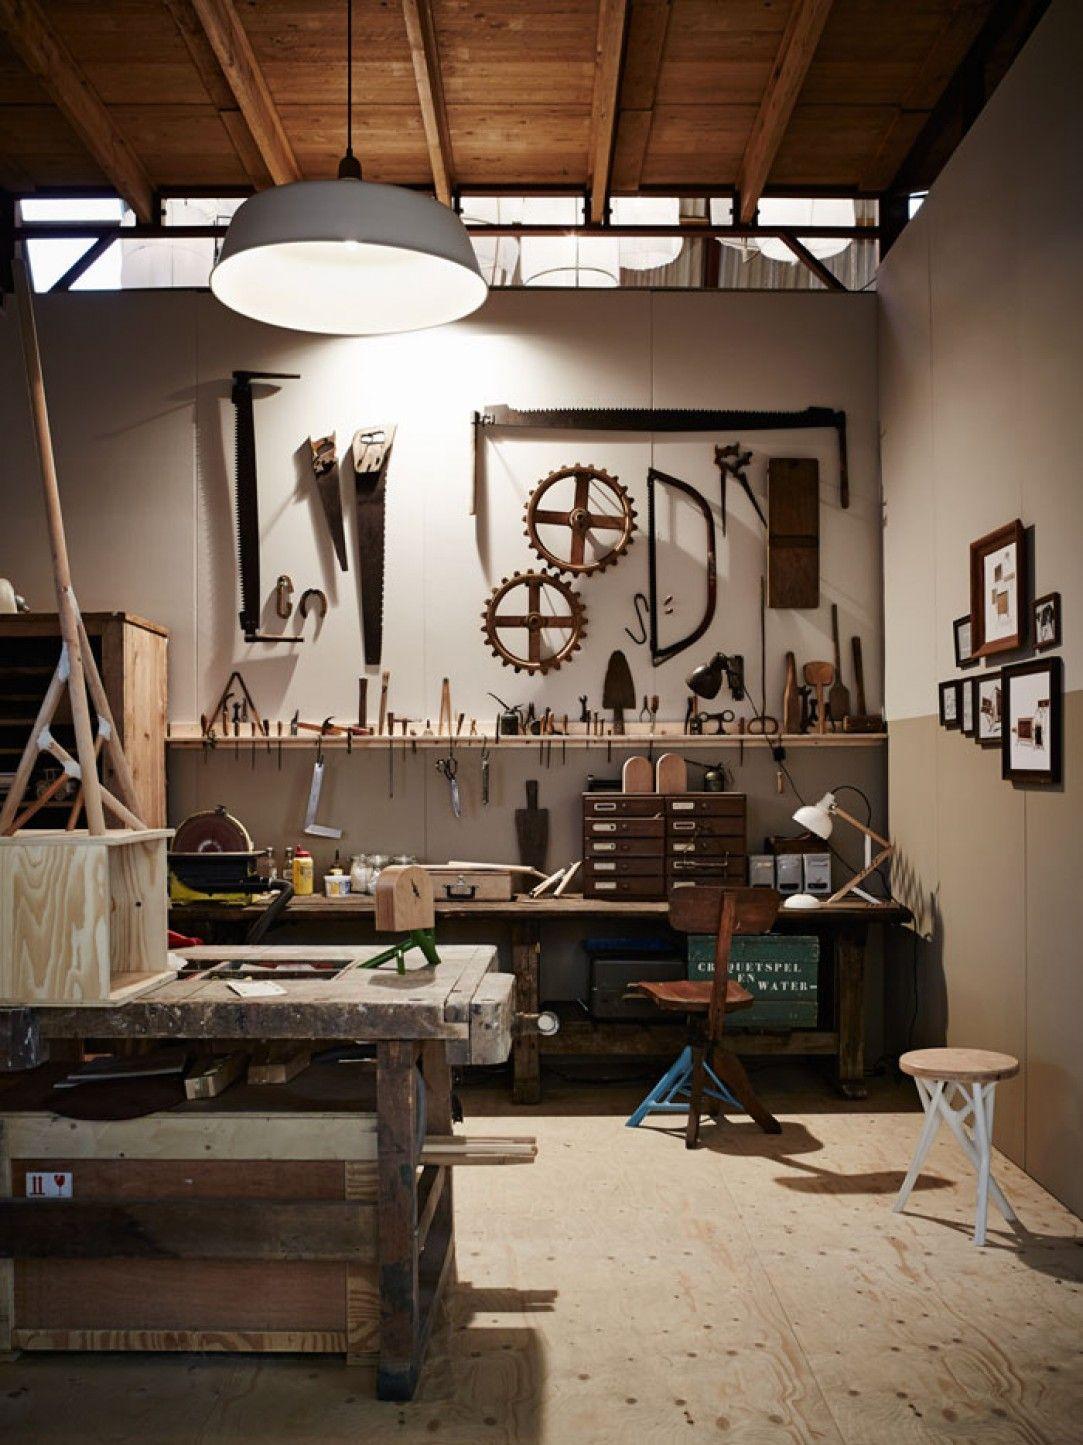 Pin Von Ahuva Bahar Auf Places I Want To Be Dekoration Wohnzimmer Werkstatt Zu Hause Design Fur Zuhause